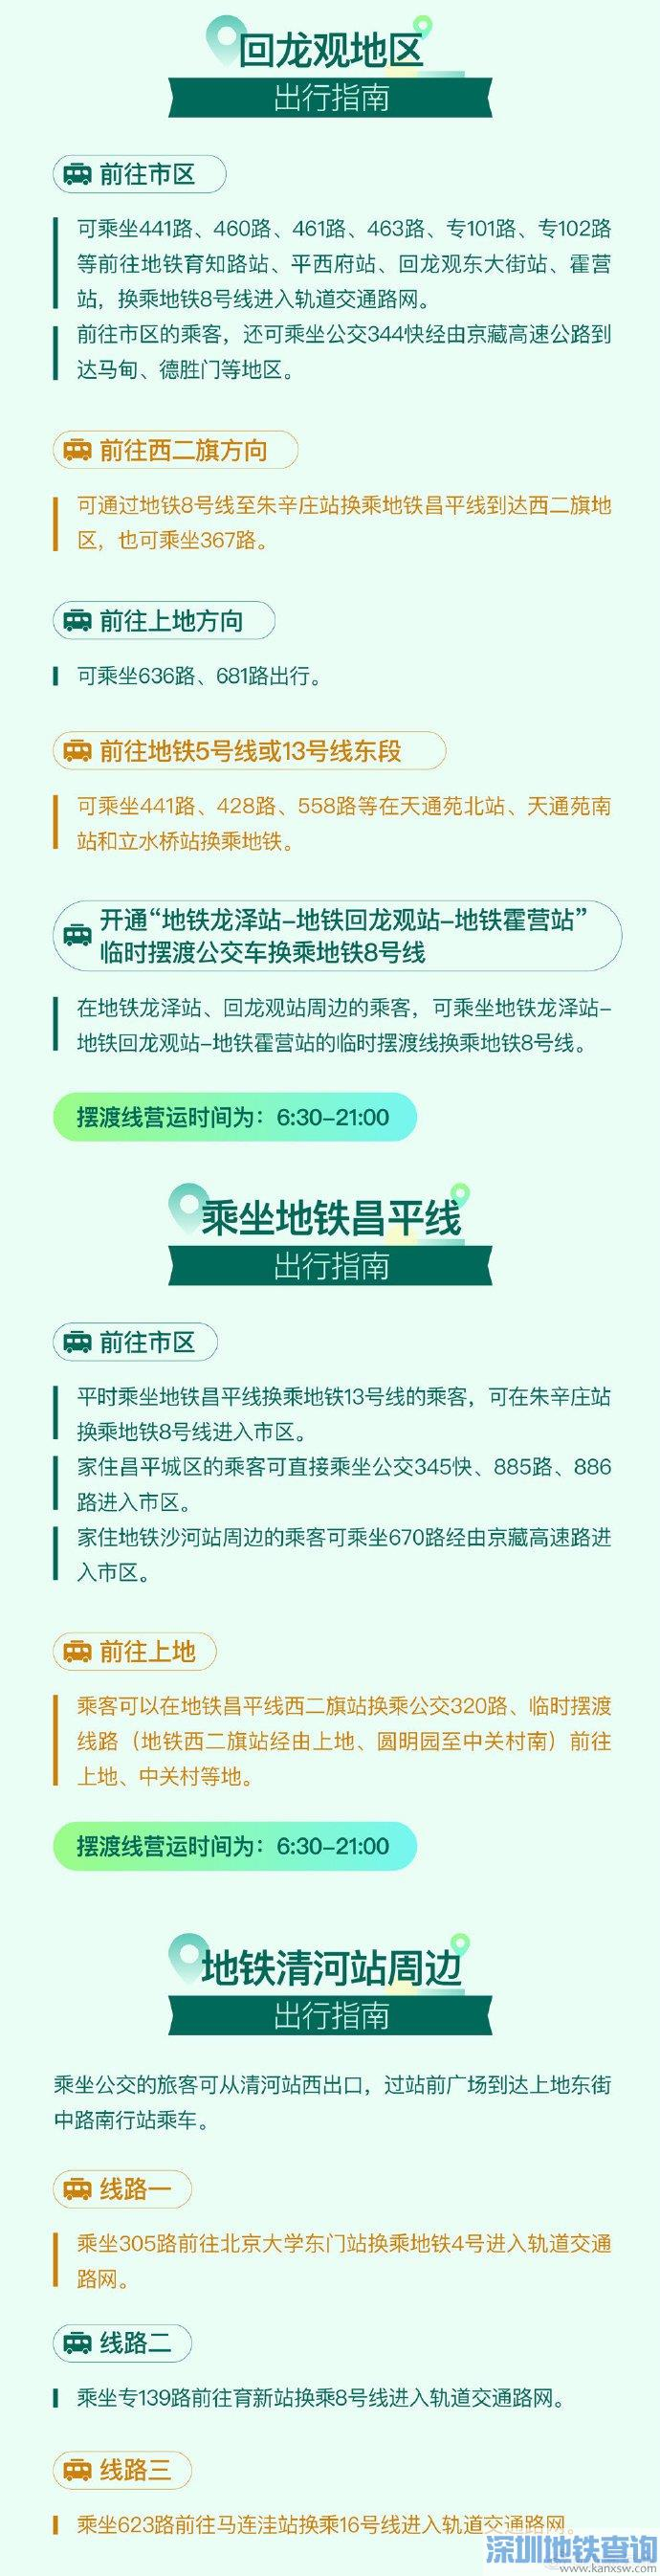 北京地铁13号线西段春节停运期间出行指南